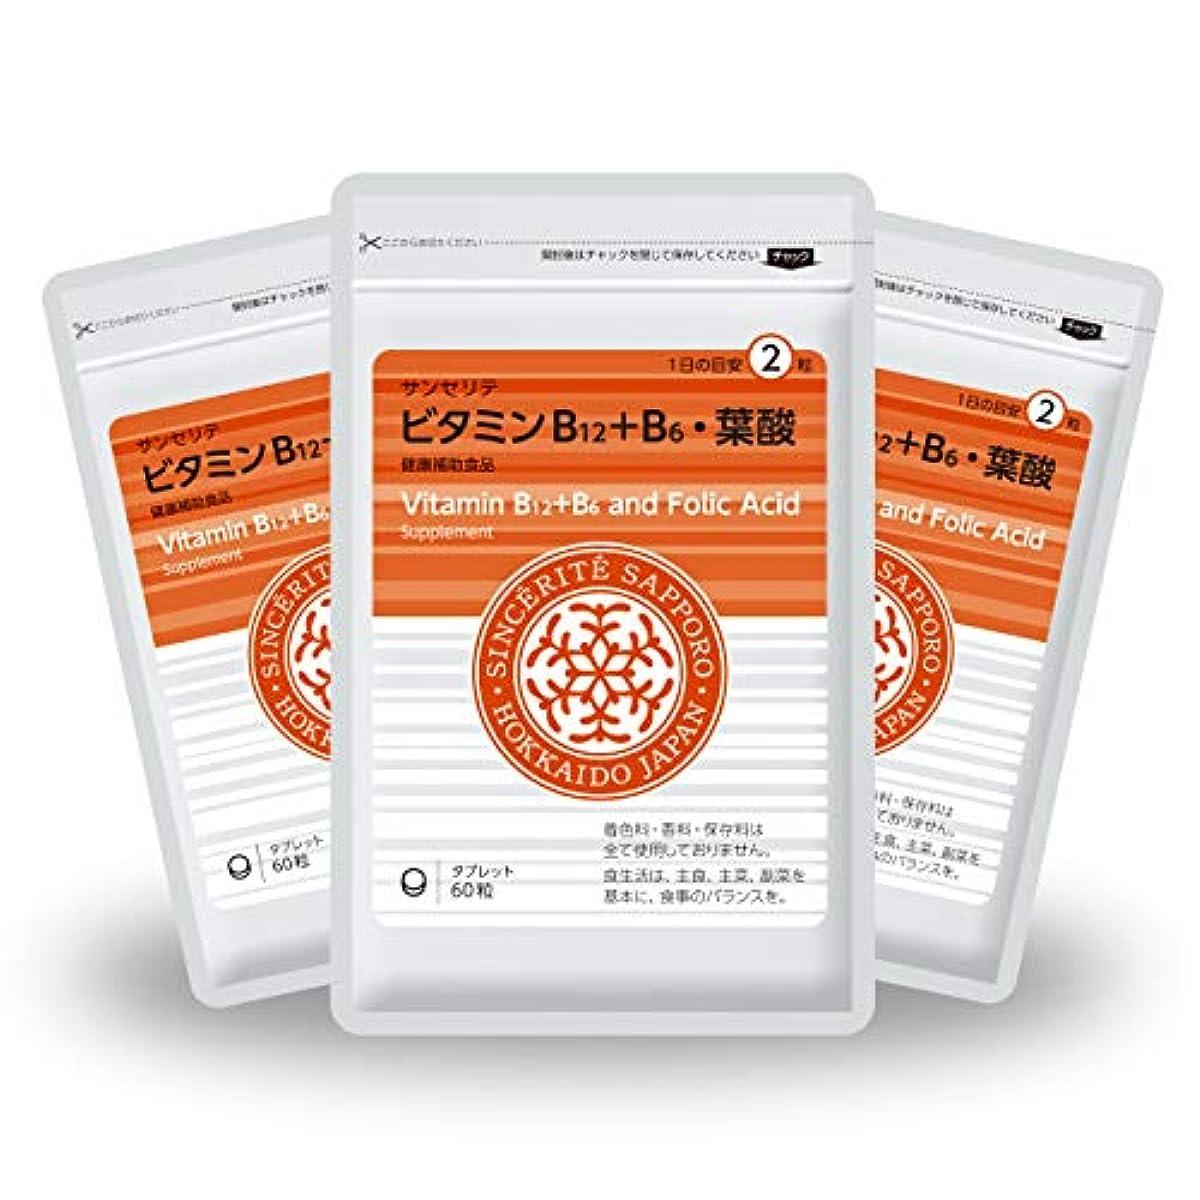 ぴかぴかホバートチョークビタミンB12+B6?葉酸 3袋セット[送料無料][ビタミンB12]たっぷり1000μg配合 [国内製造]お得な★90日分